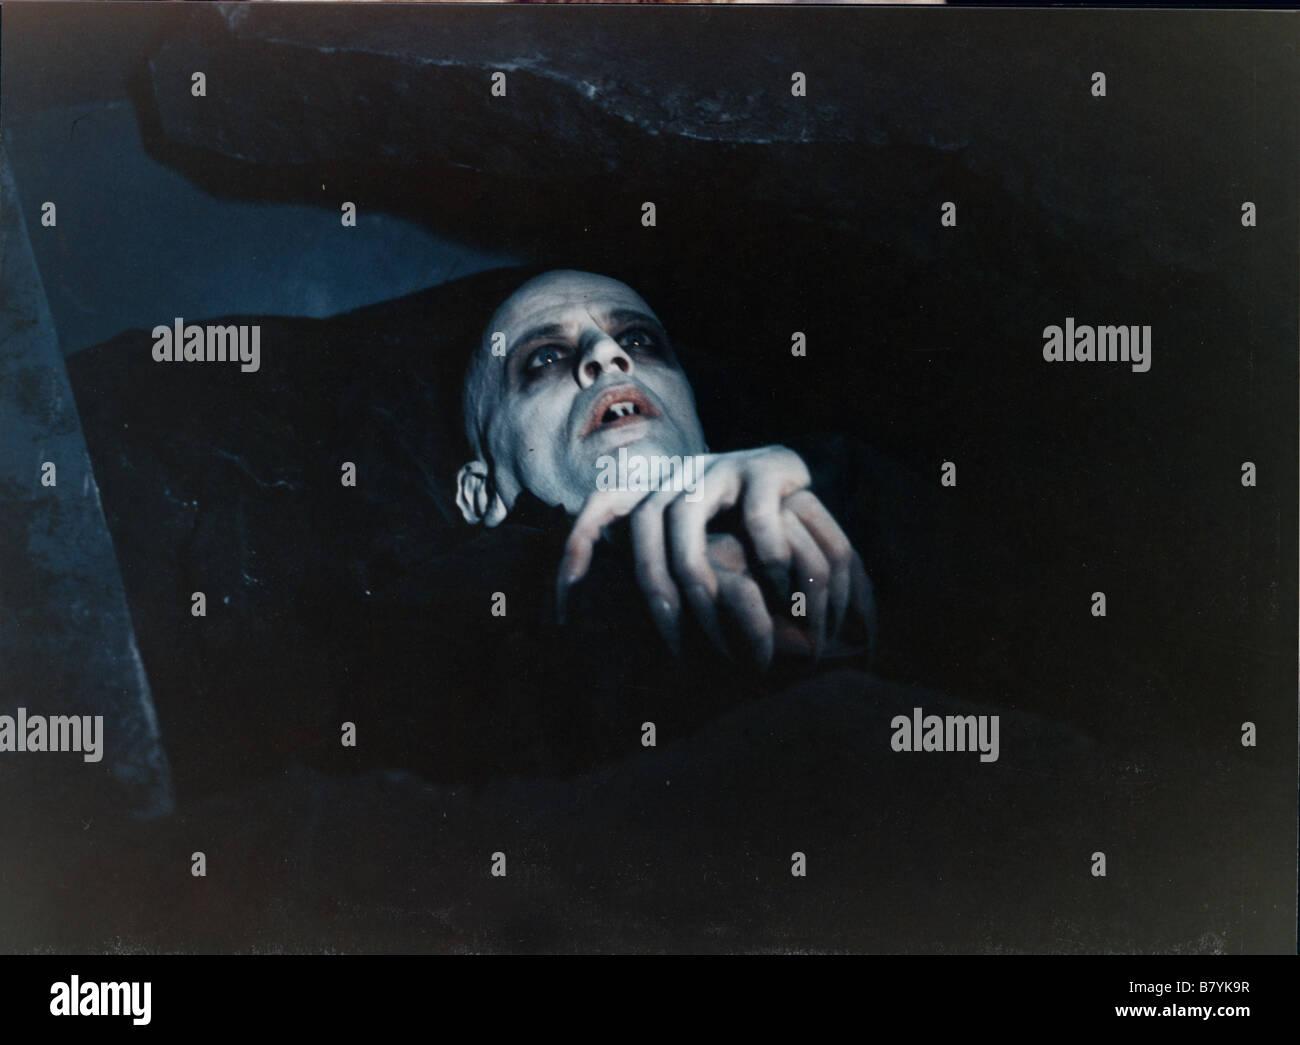 Nosferatu: Phantom der Nacht  Nosferatu the Vampyre Year: 1979 - West Germany Director : Werner Herzog Klaus Kinski, Stock Photo